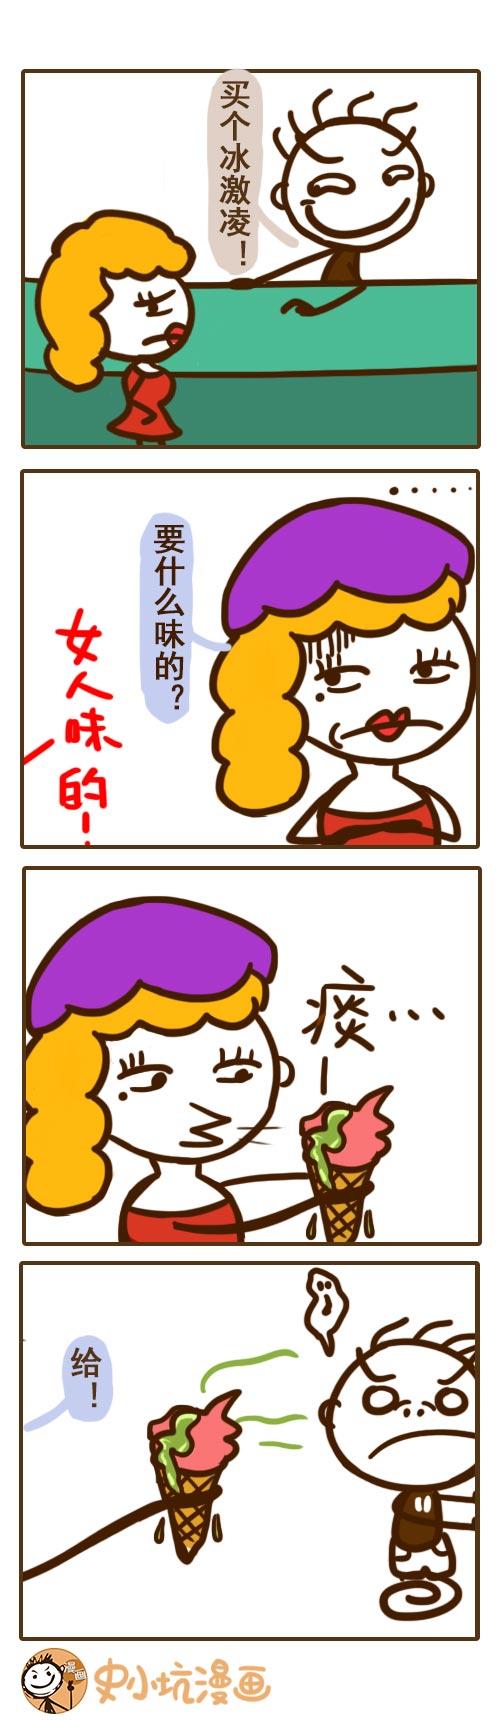 吃过女人味的冰激凌吗——史小坑漫画055期